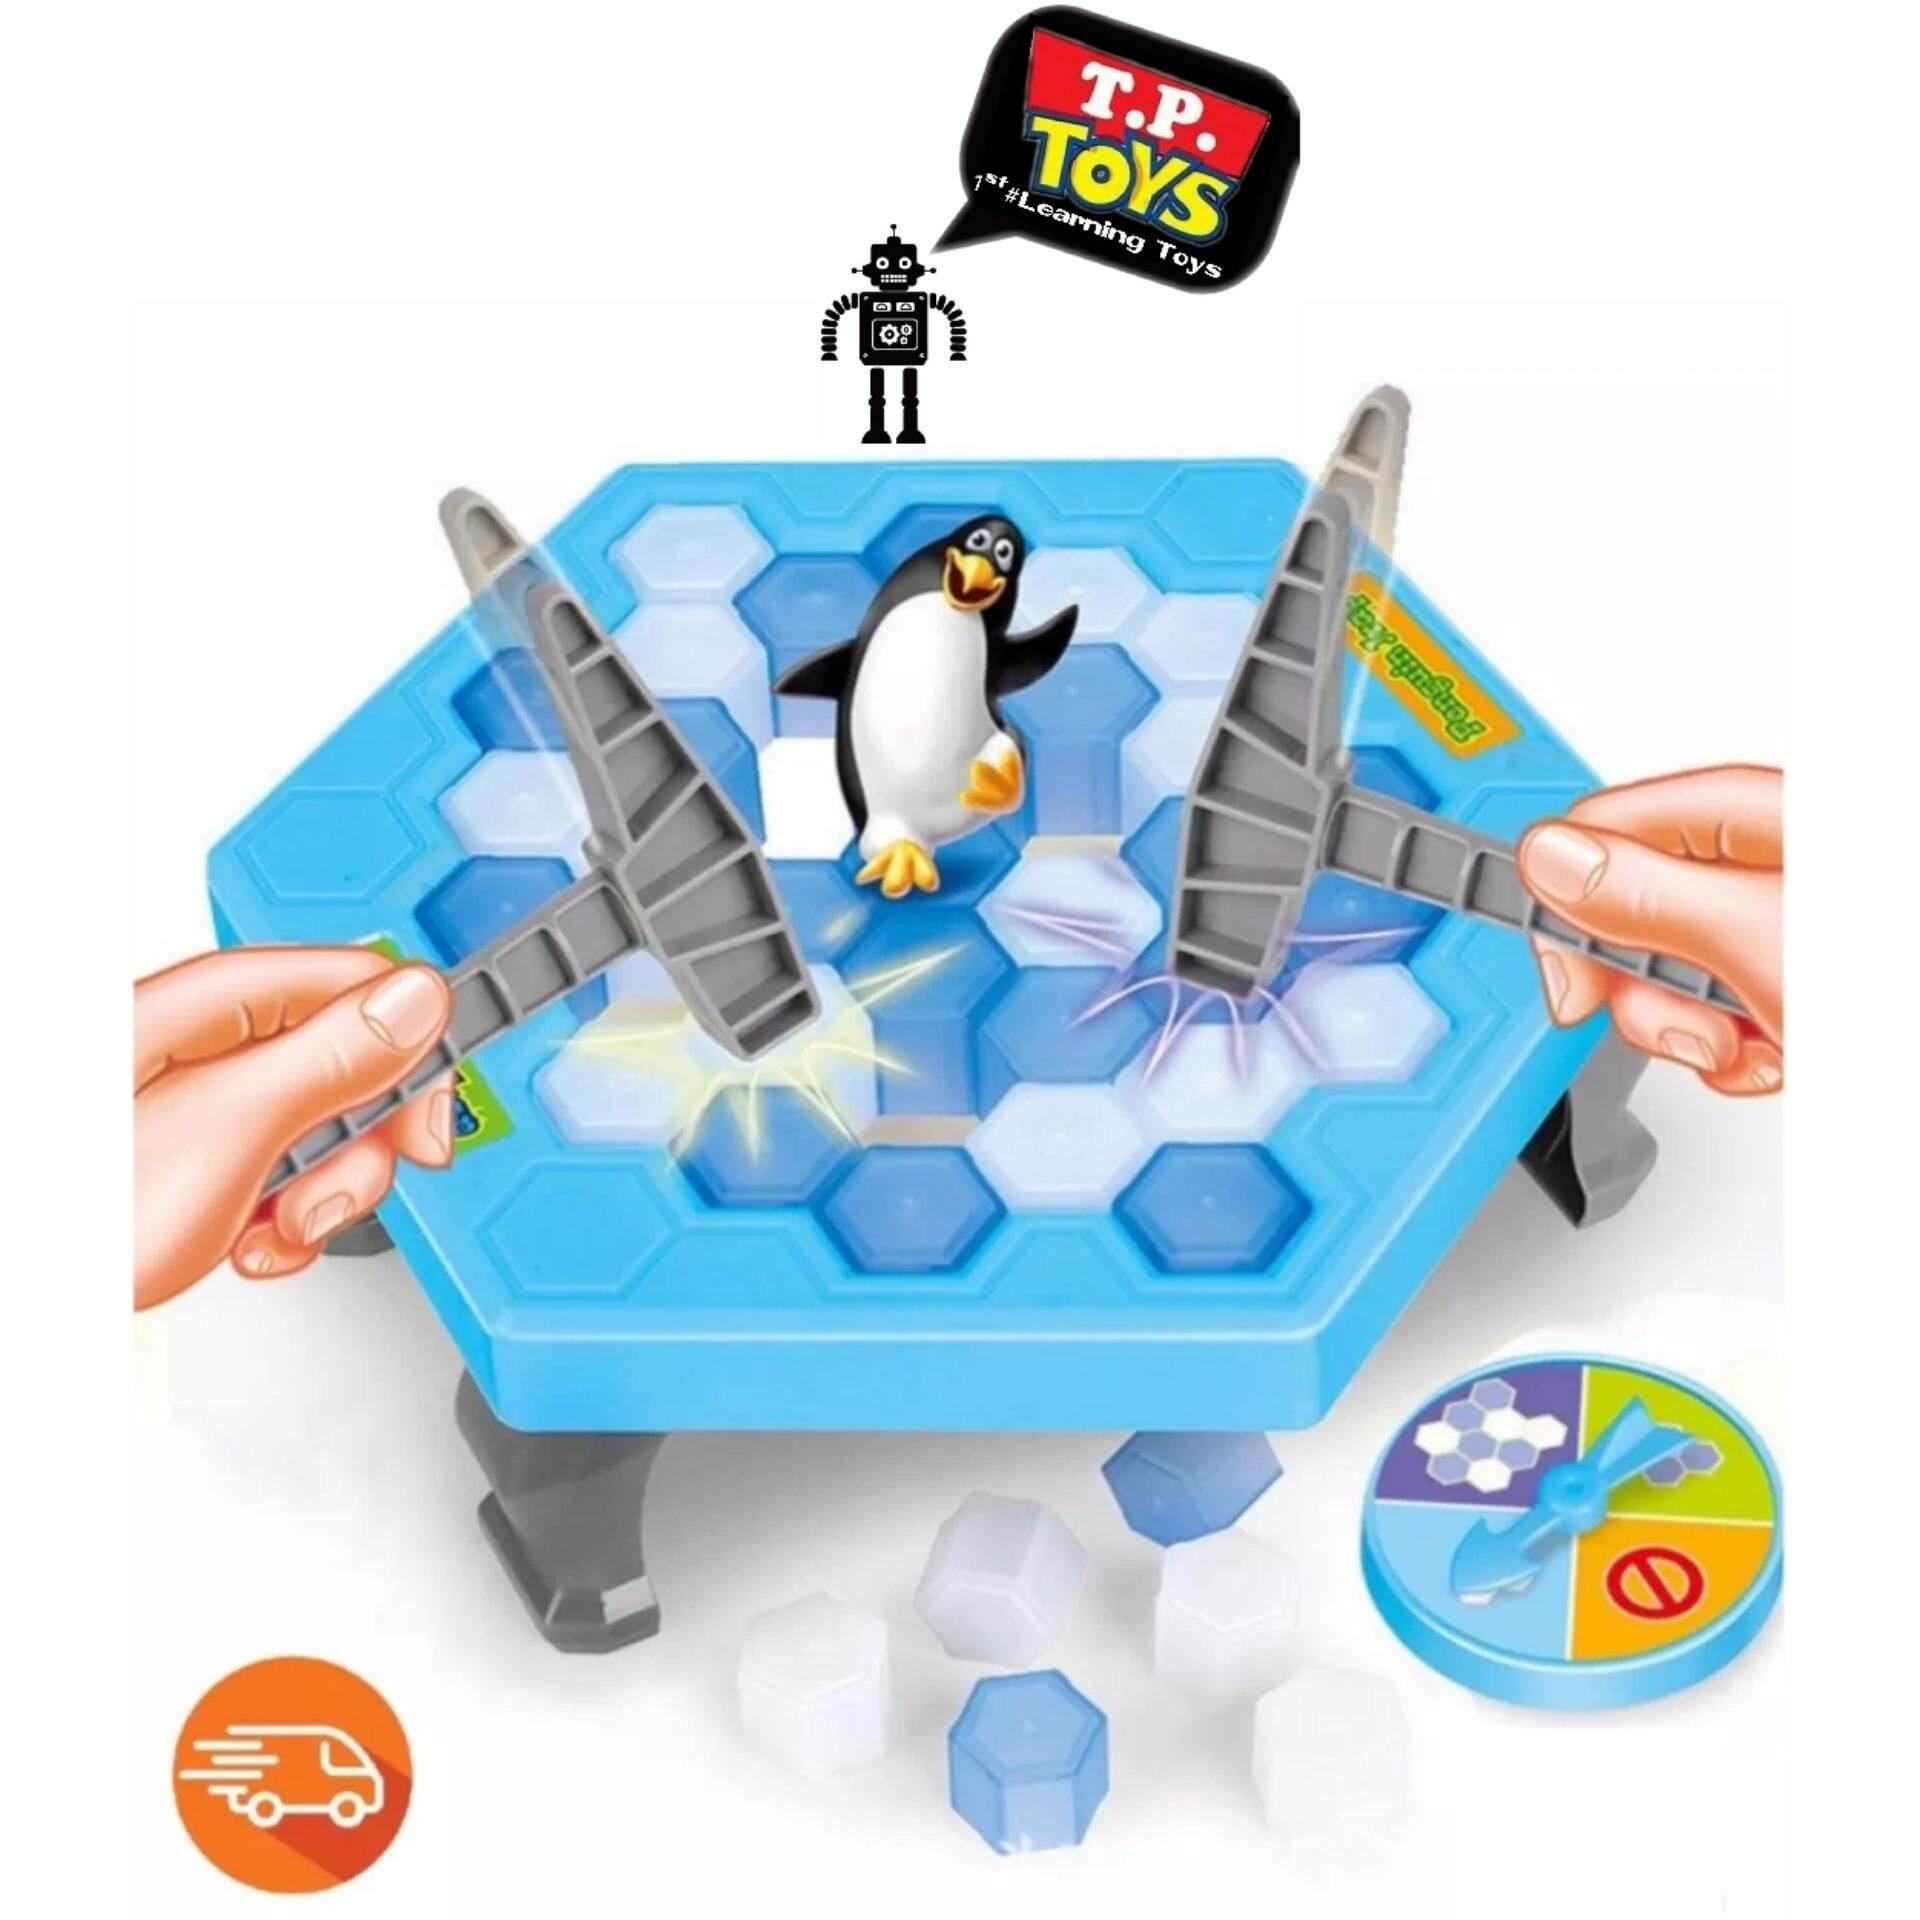 ซื้อ T P Toys ทุบน้ำแข็งเพนกวิน Penquin Trap ออนไลน์ สมุทรปราการ